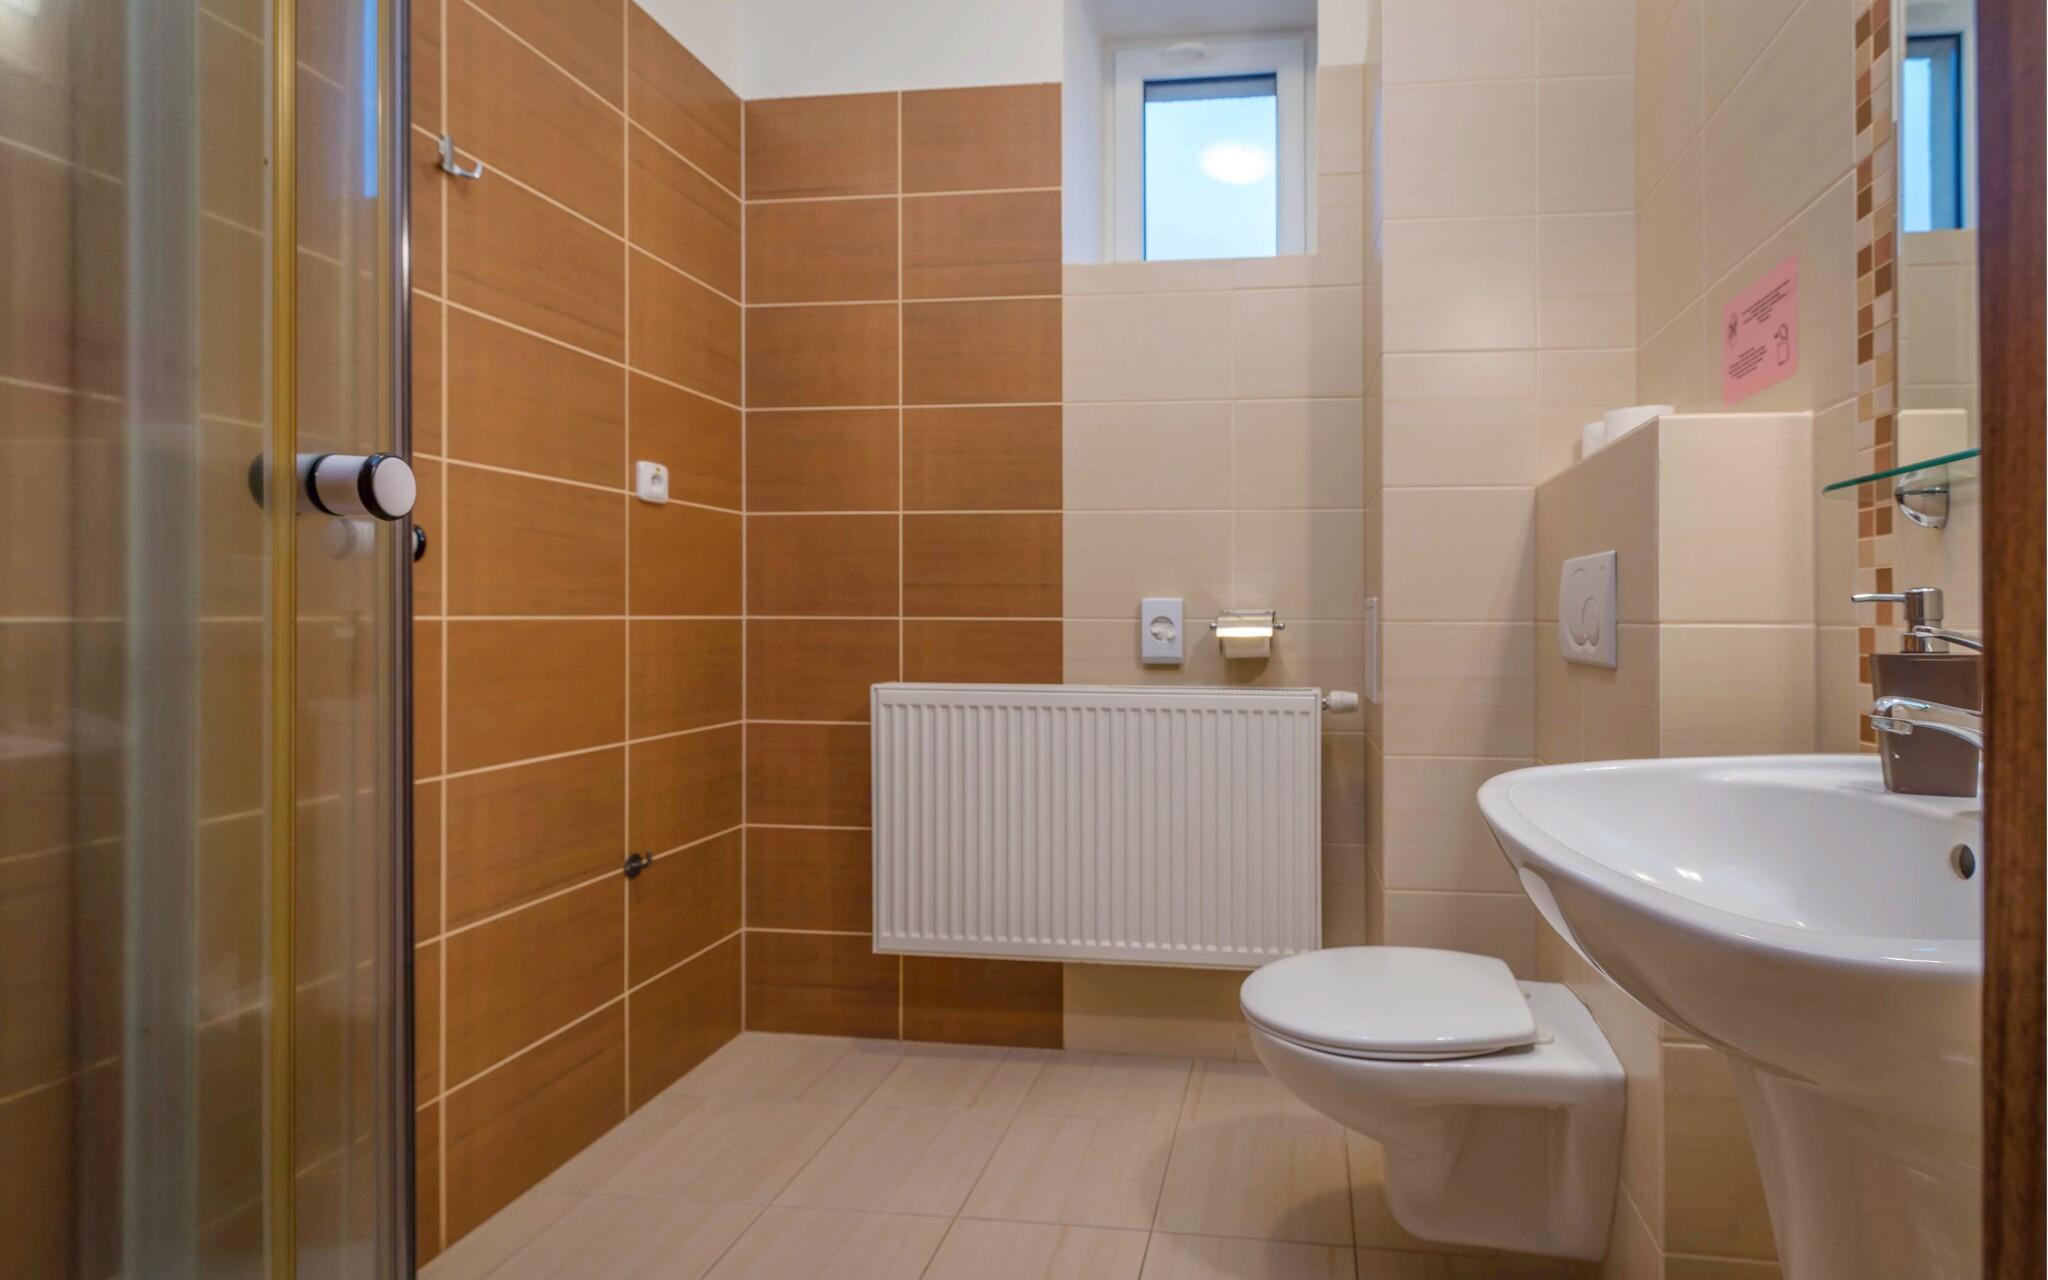 Malé studio pro dvě osoby, koupelna